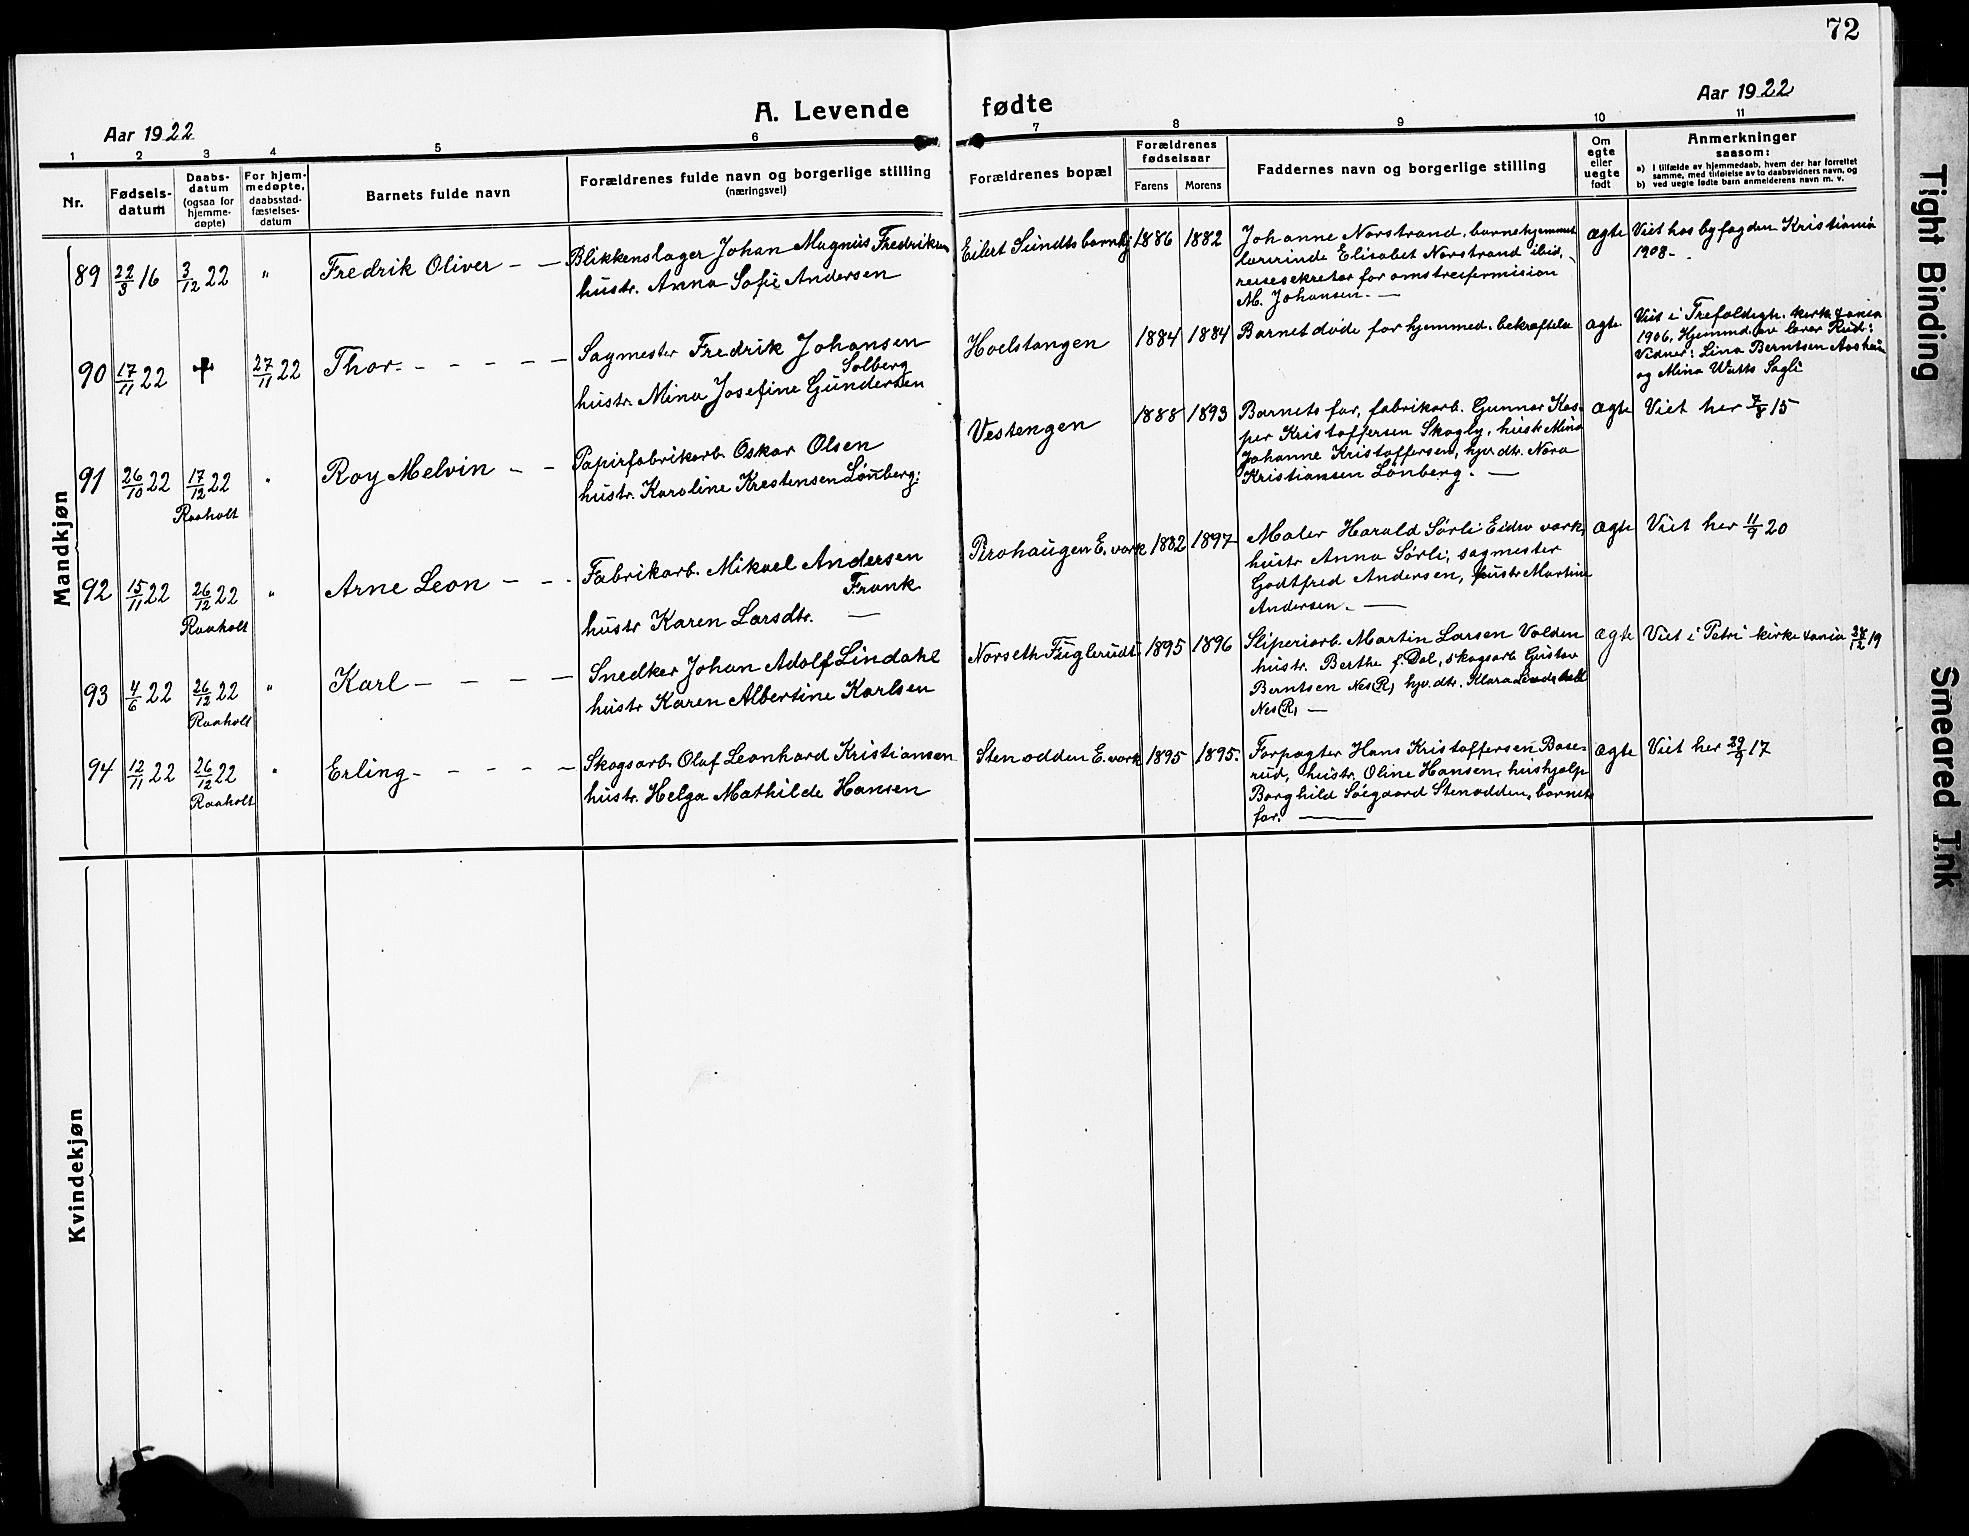 SAO, Eidsvoll prestekontor Kirkebøker, G/Ga/L0010: Klokkerbok nr. I 10, 1919-1929, s. 72